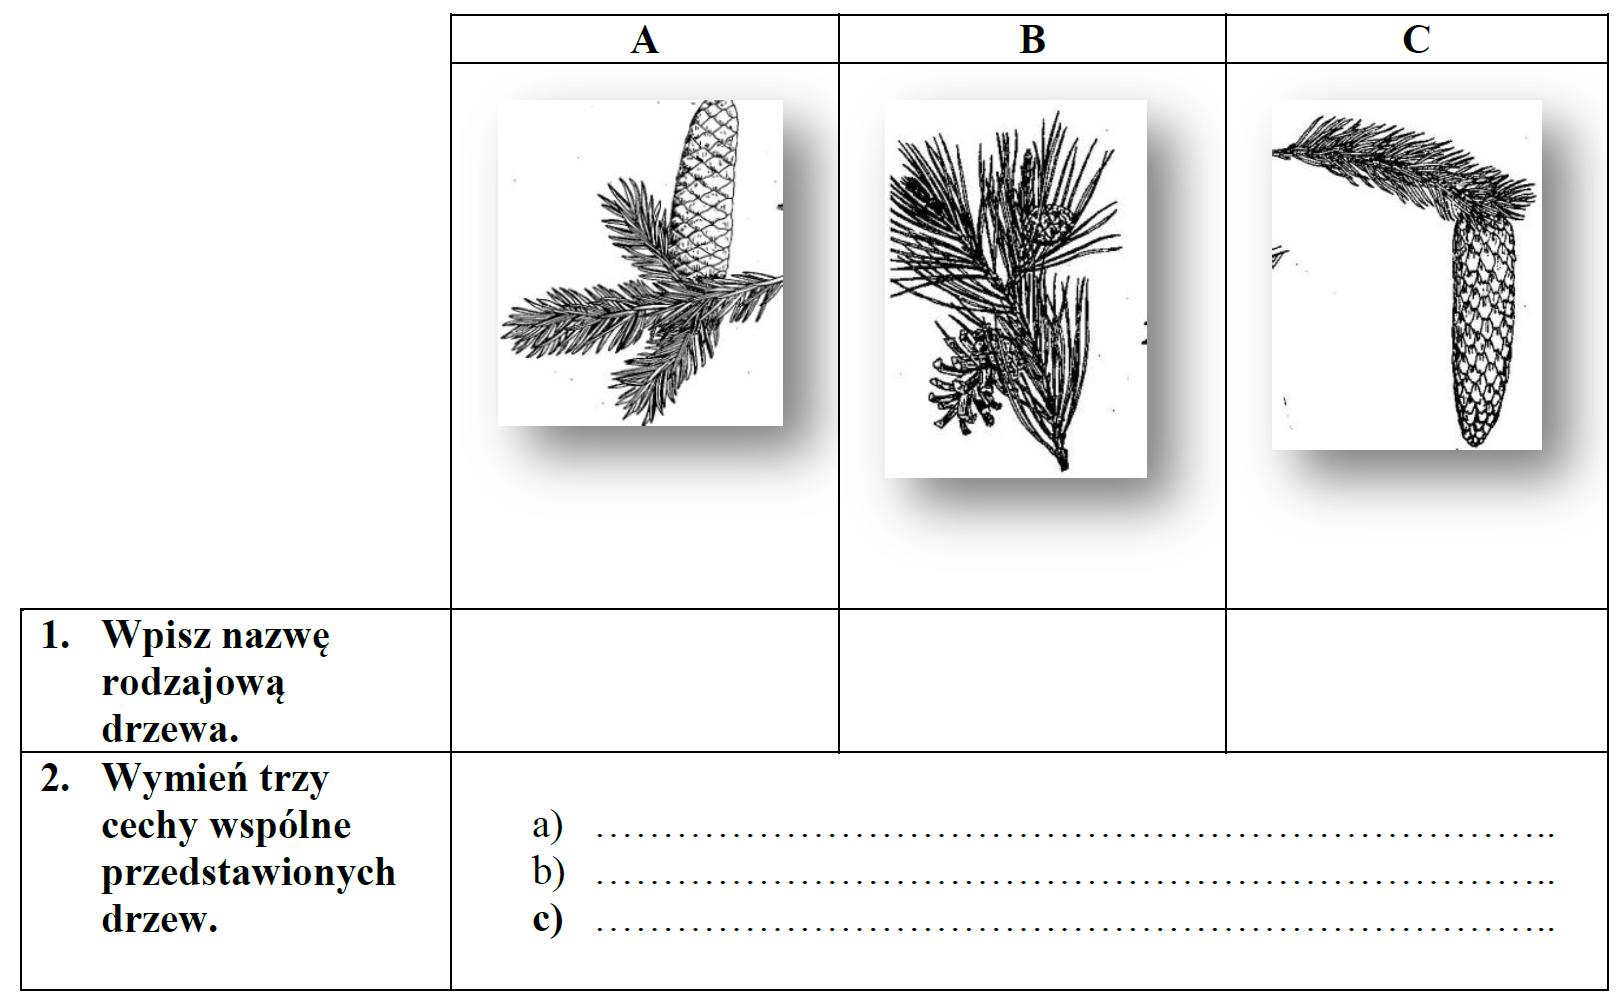 Przeanalizuj rysunki fragmentów polskich drzew iglastych, a następnie wykonaj polecenie 1 i 2 w tabelce